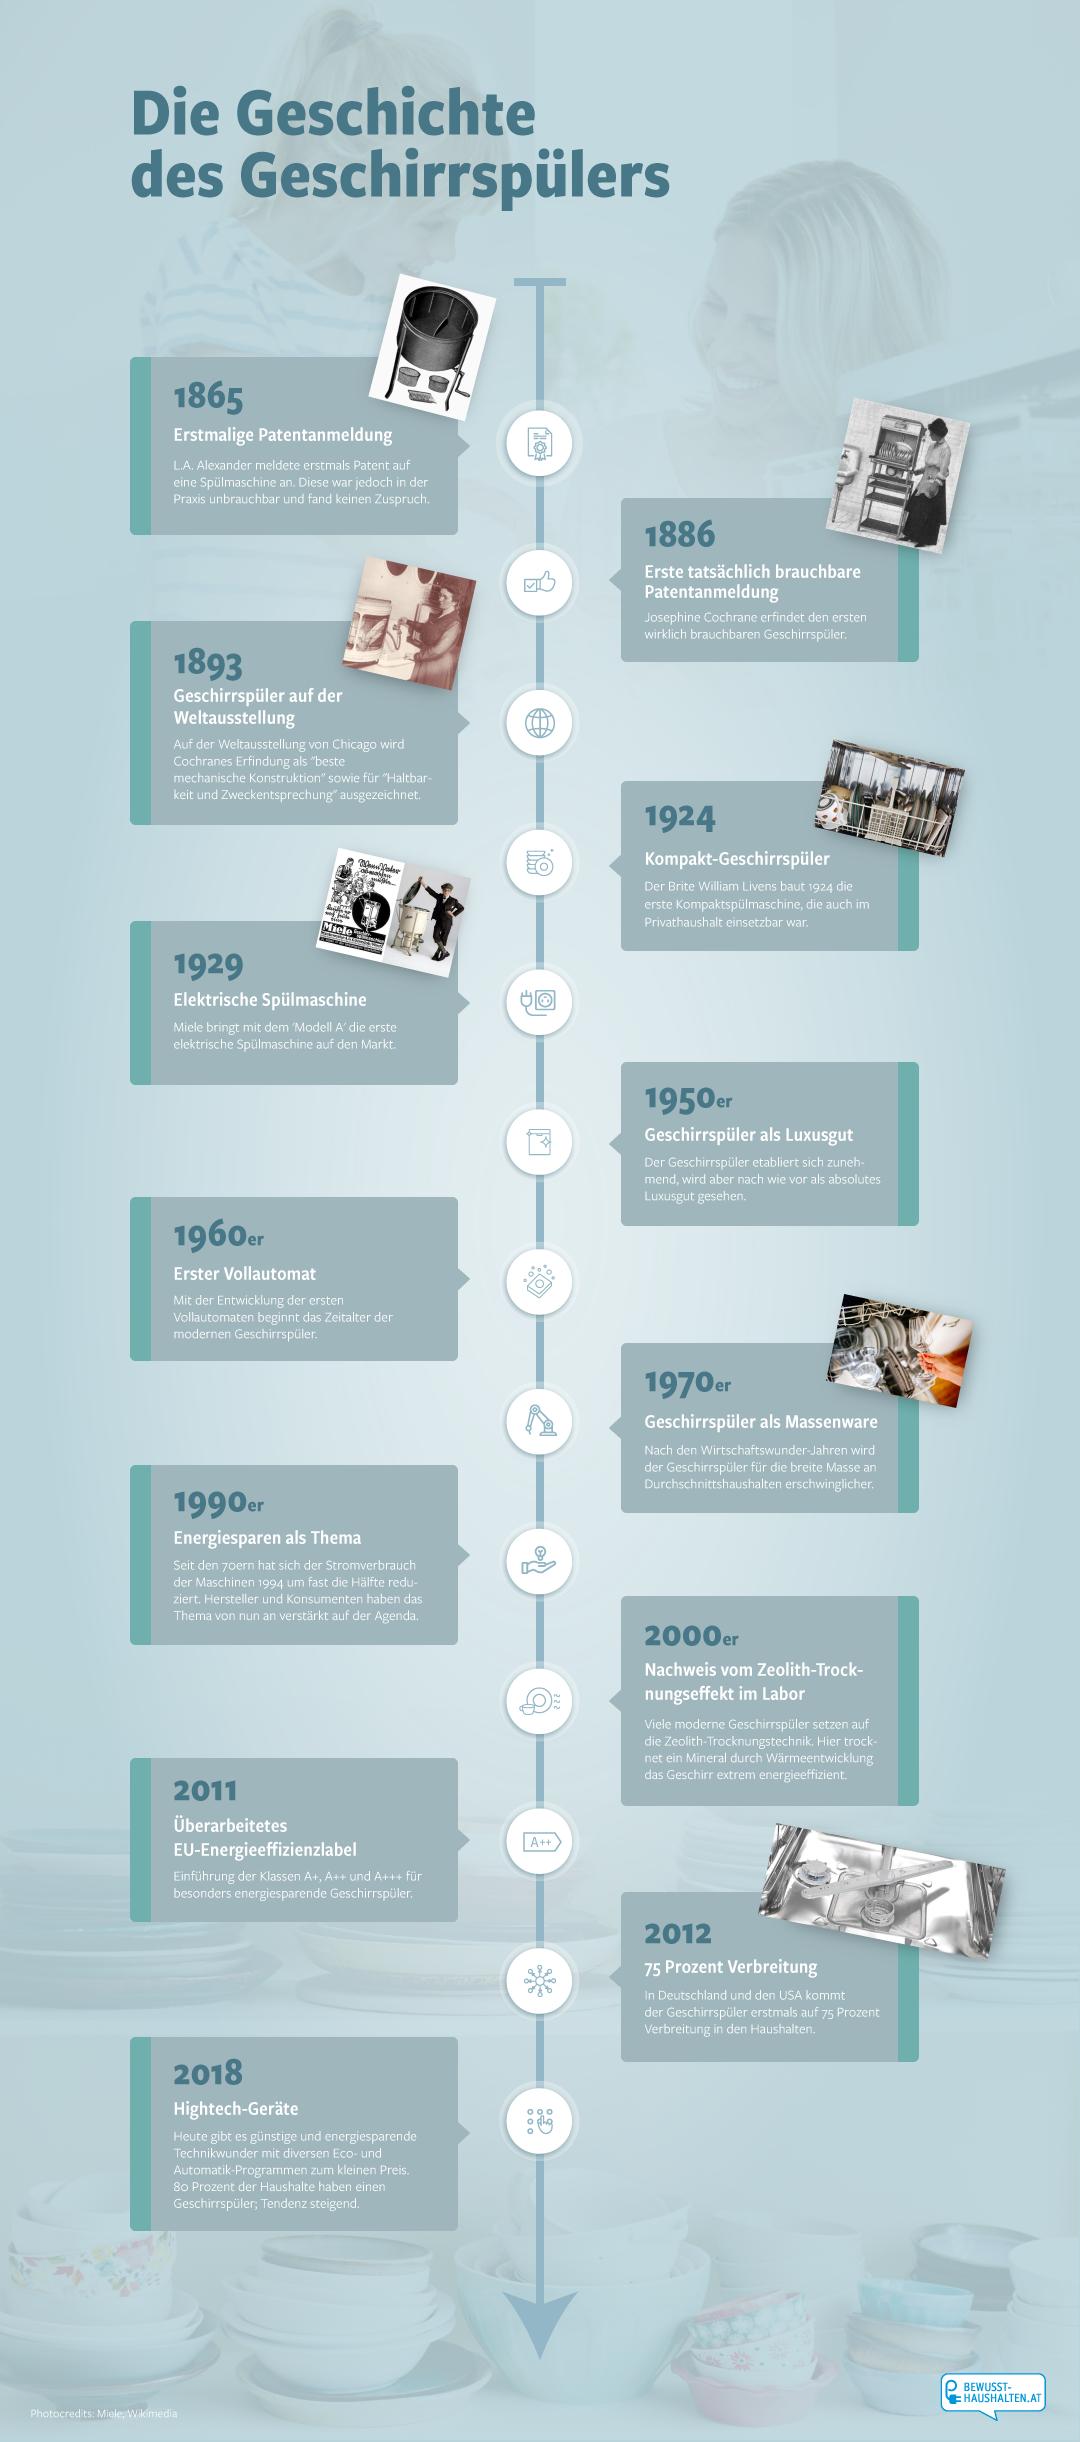 Die Geschichte des Geschirrspülers